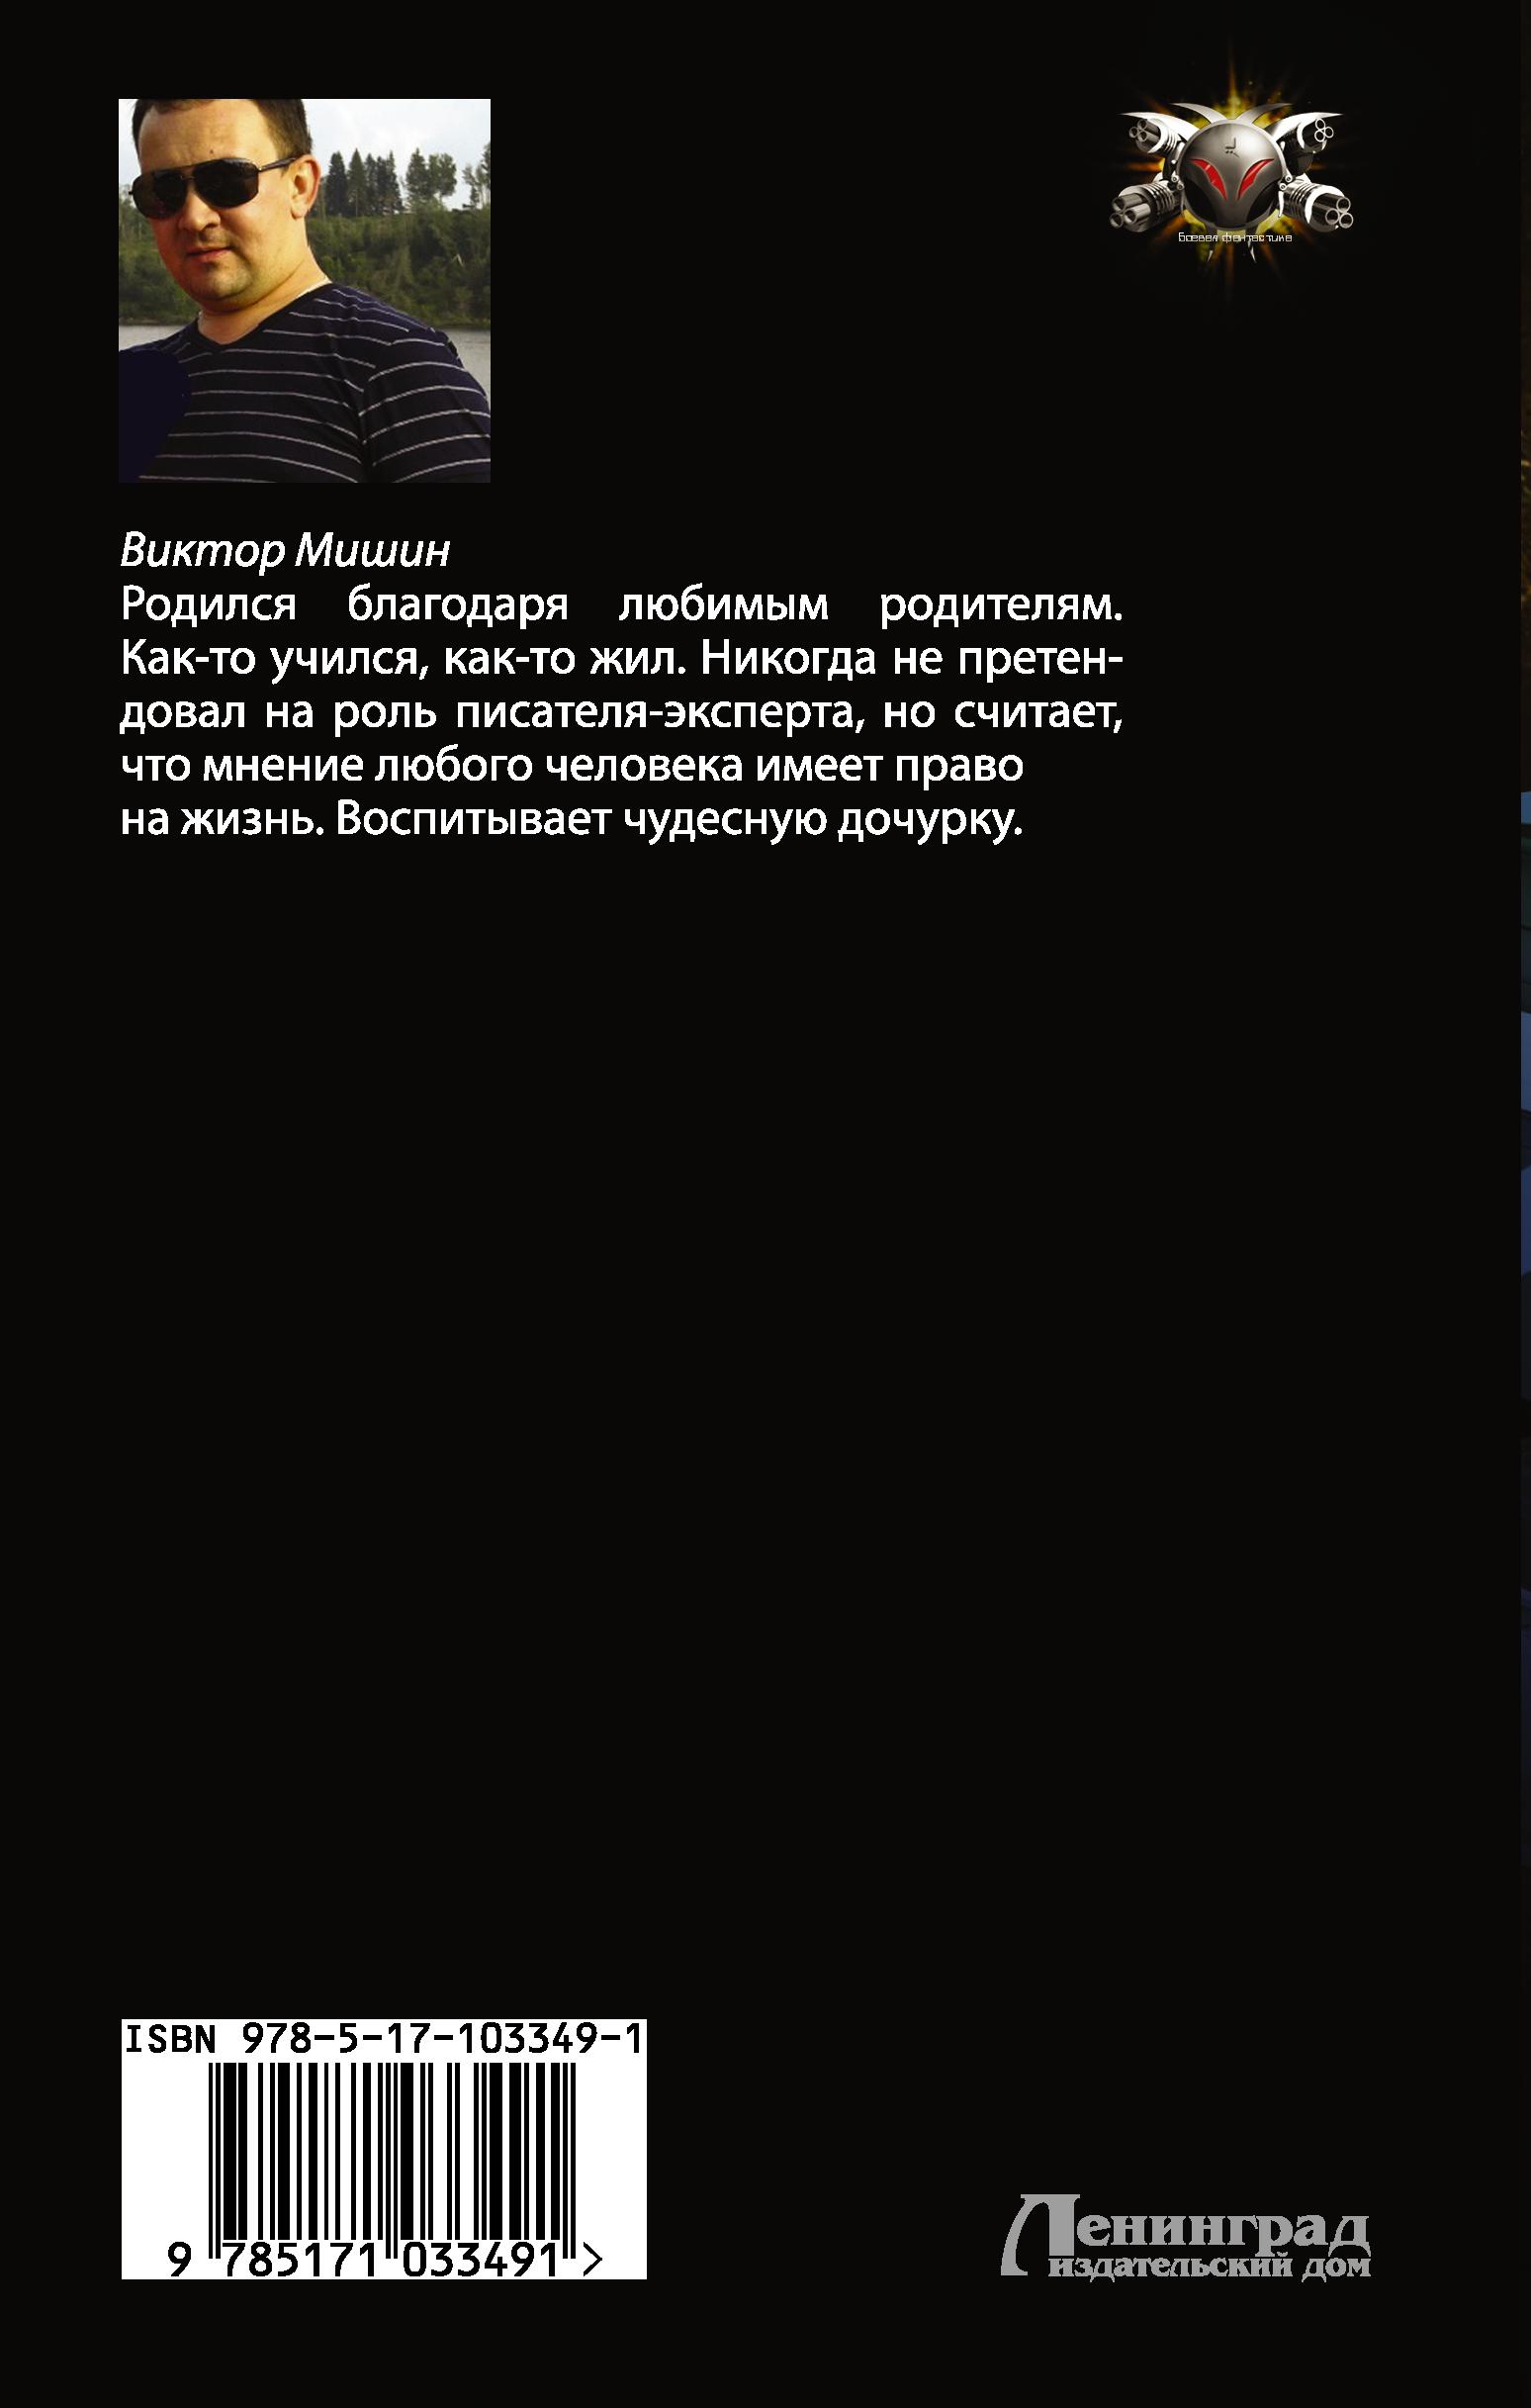 Псы. Виктор Мишин